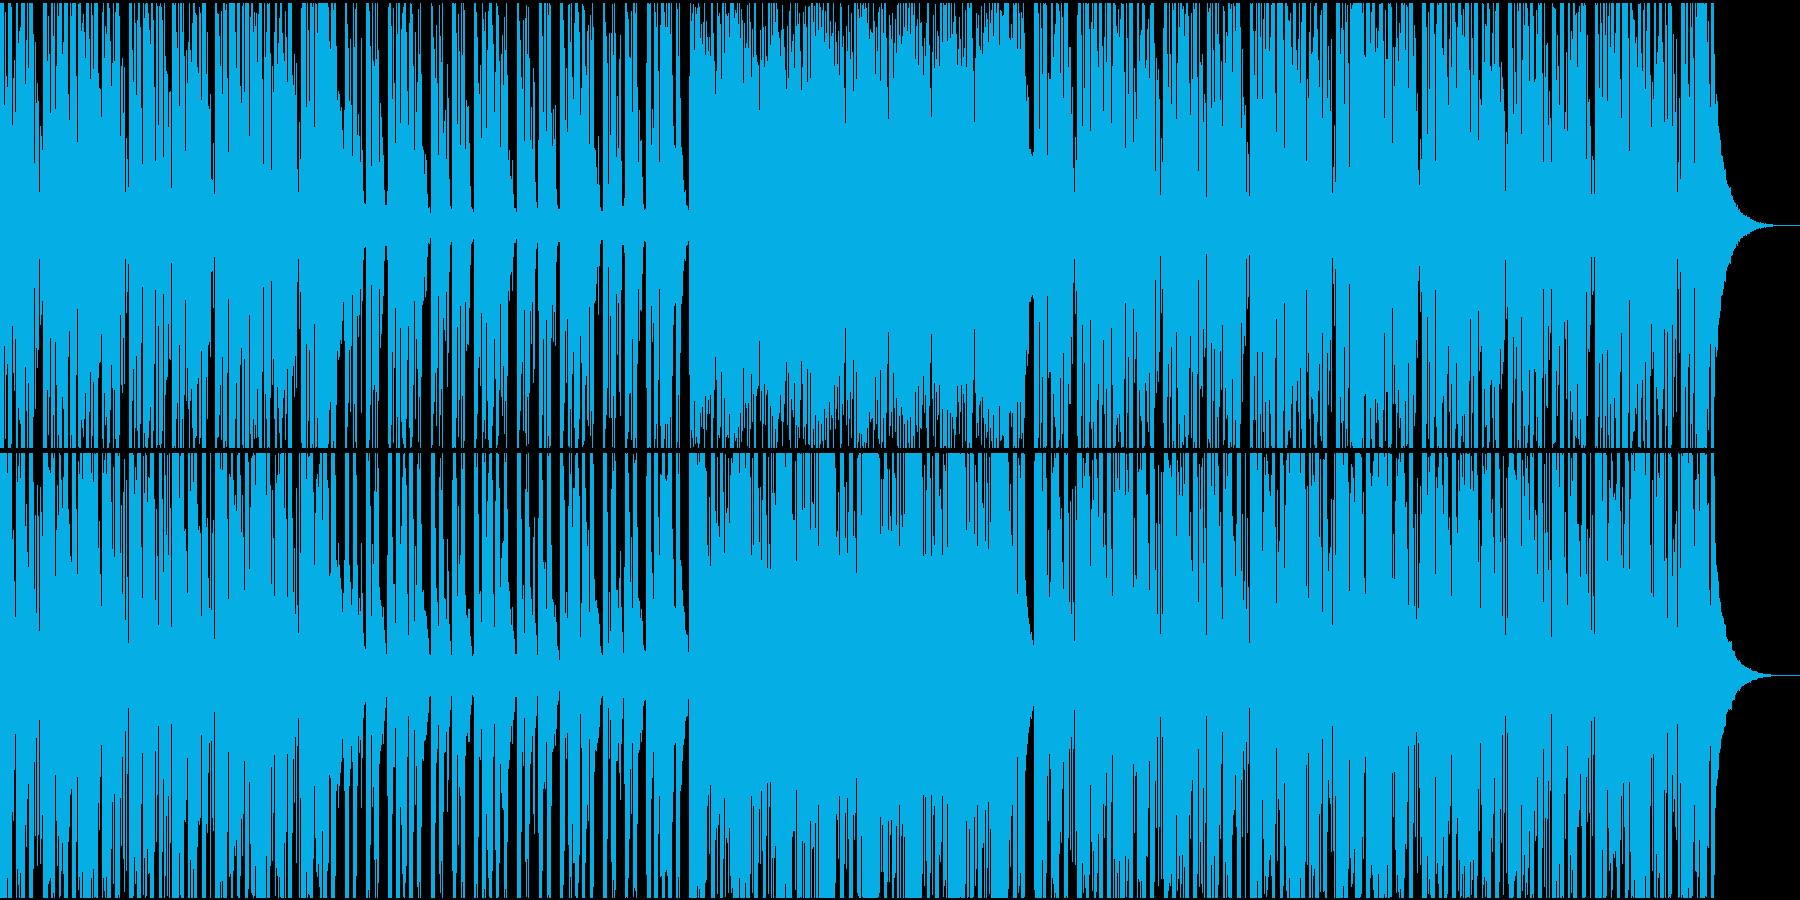 生演奏のギターカッティングが主体の曲の再生済みの波形